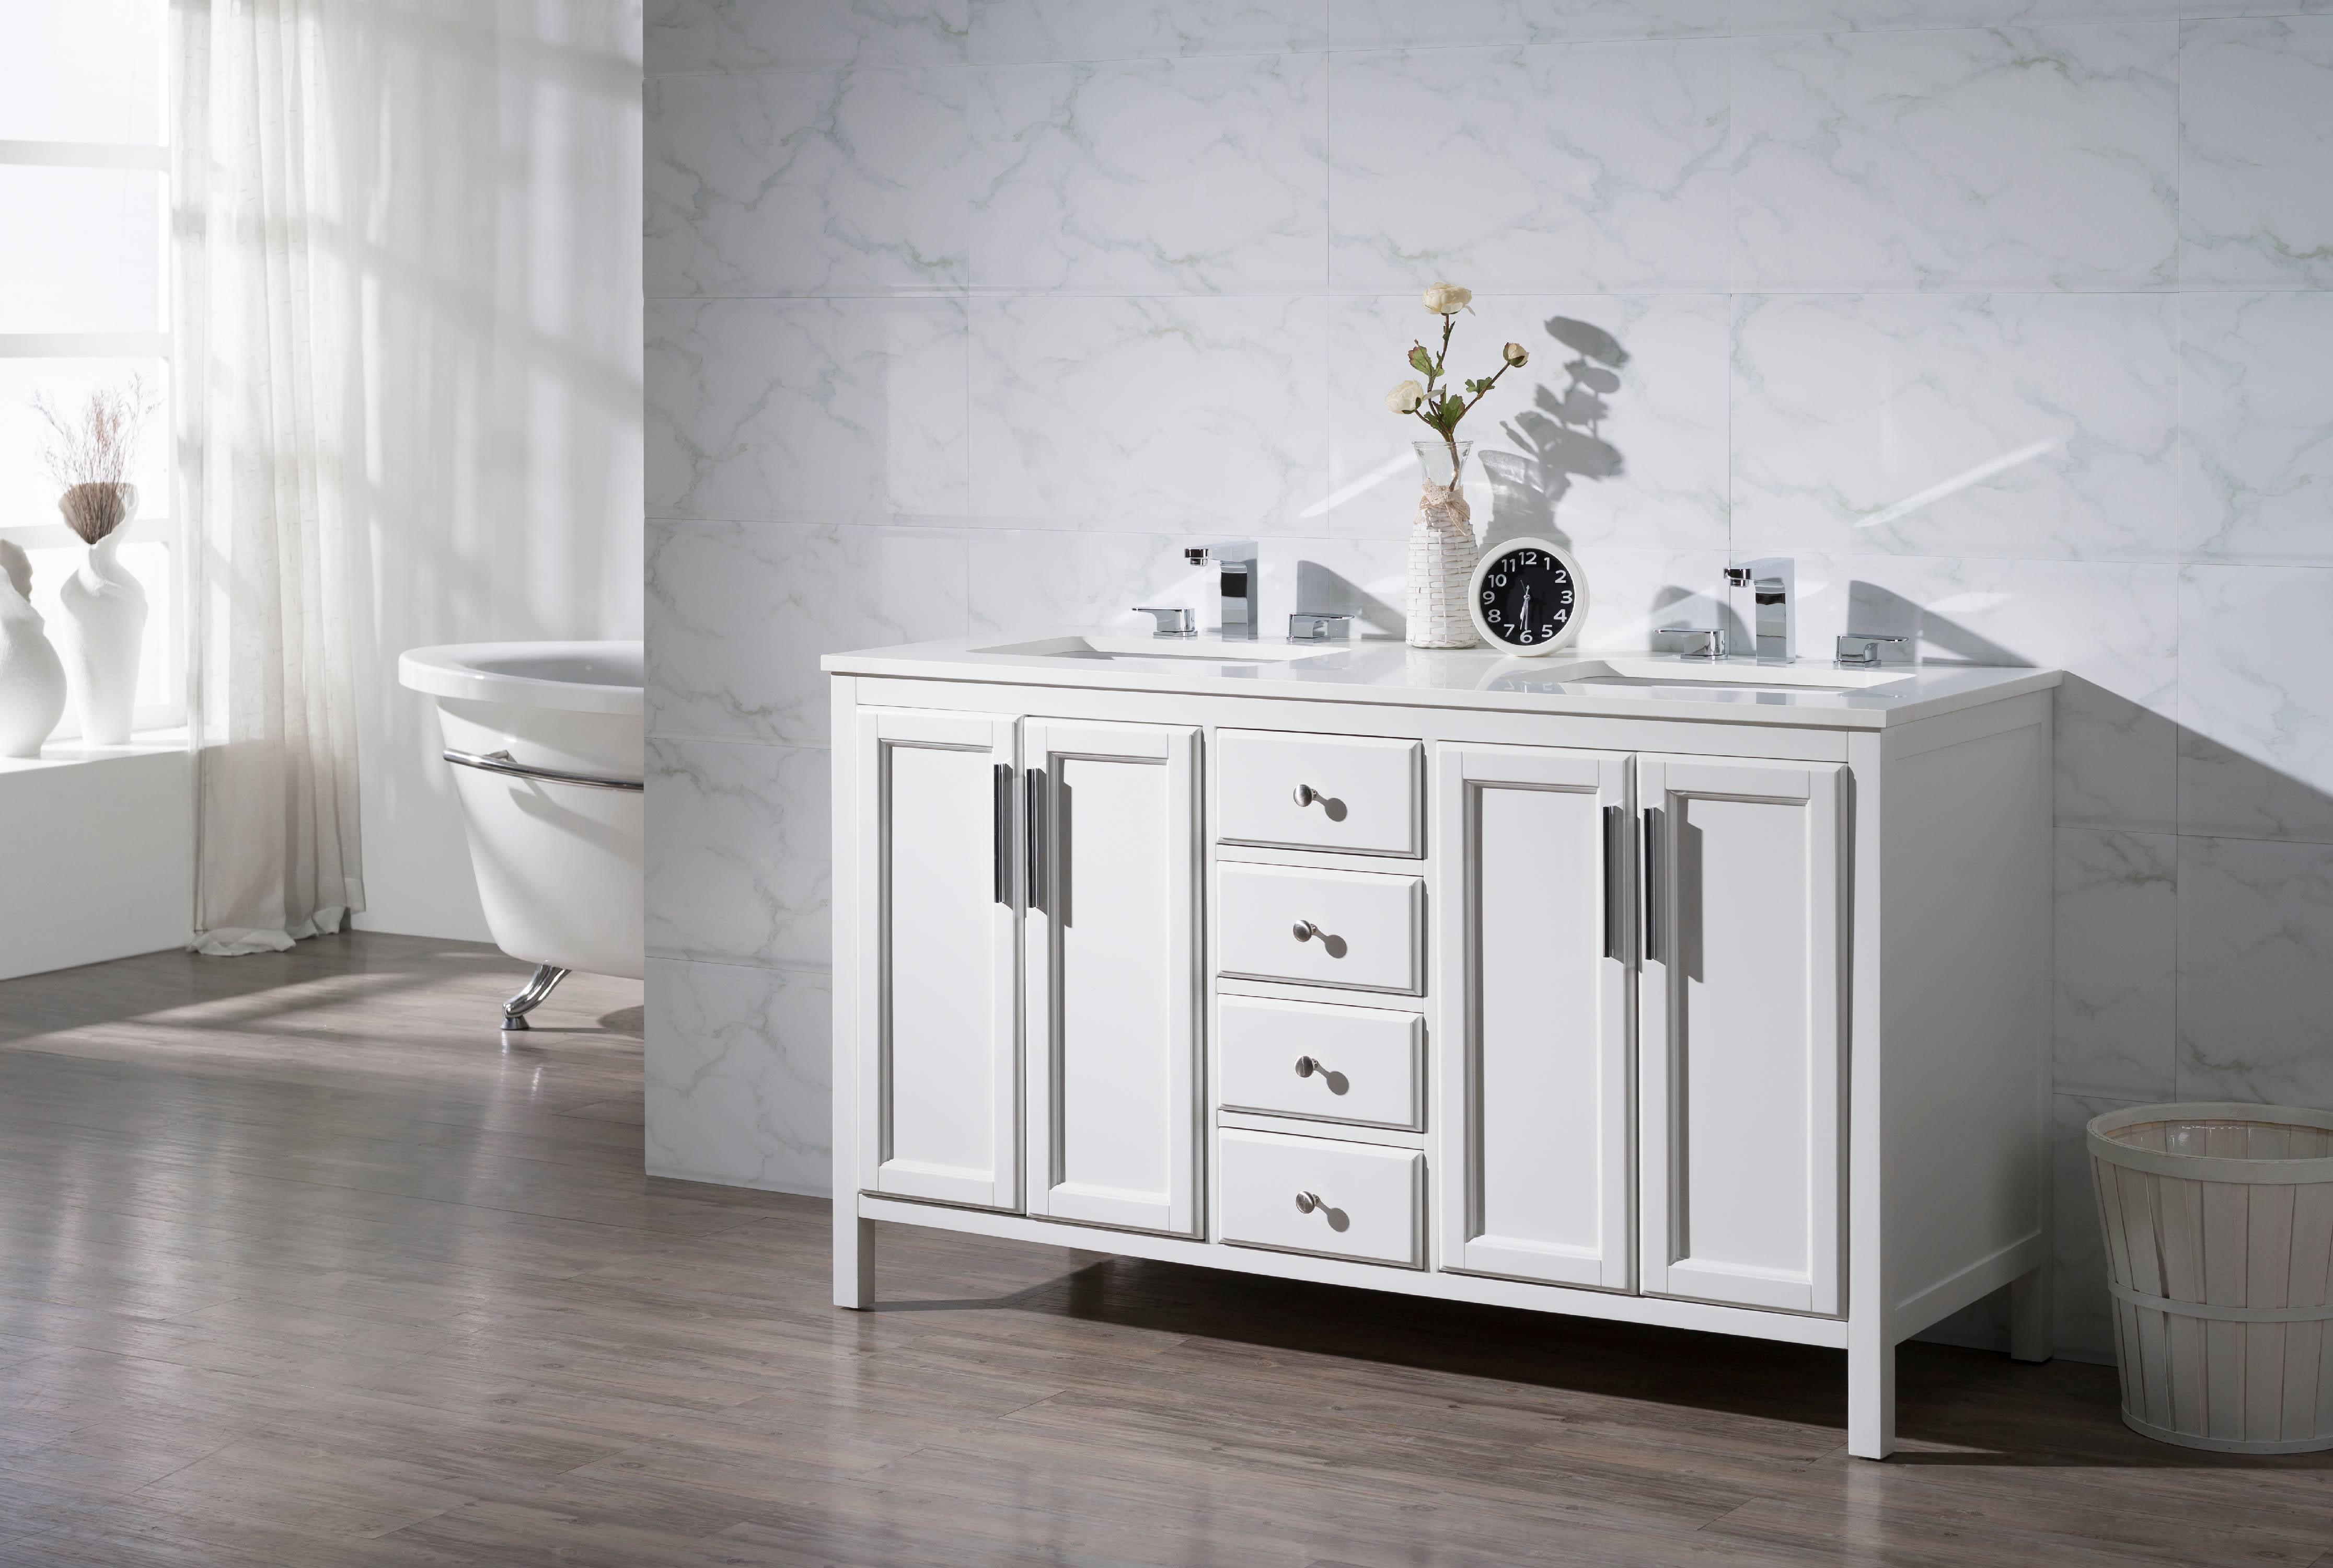 Emily 59 Inch Double Sink Bathroom Vanity Walmart Com Walmart Com